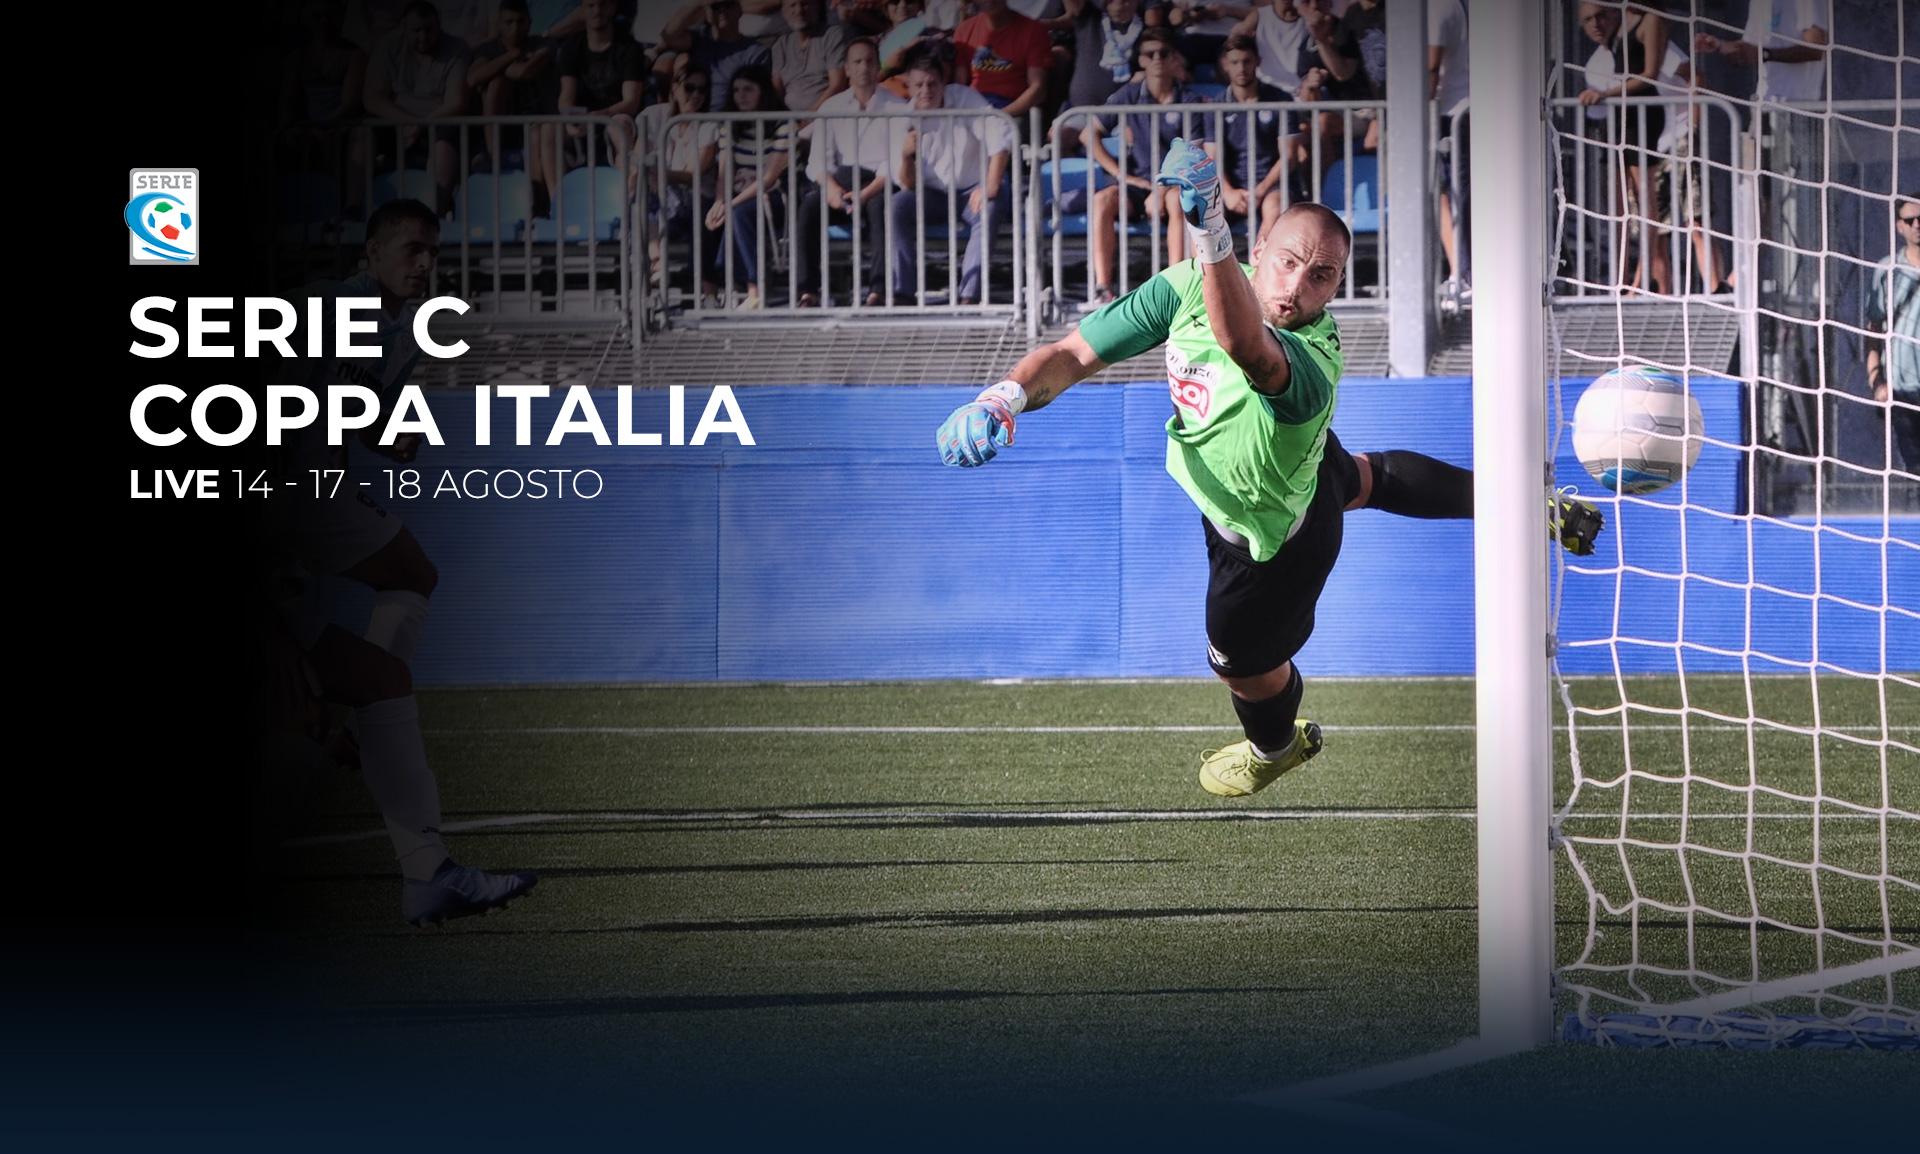 Serie C TV, Coppa Italia 17 e 18 Agosto - Programma e Telecronisti Eleven Sports